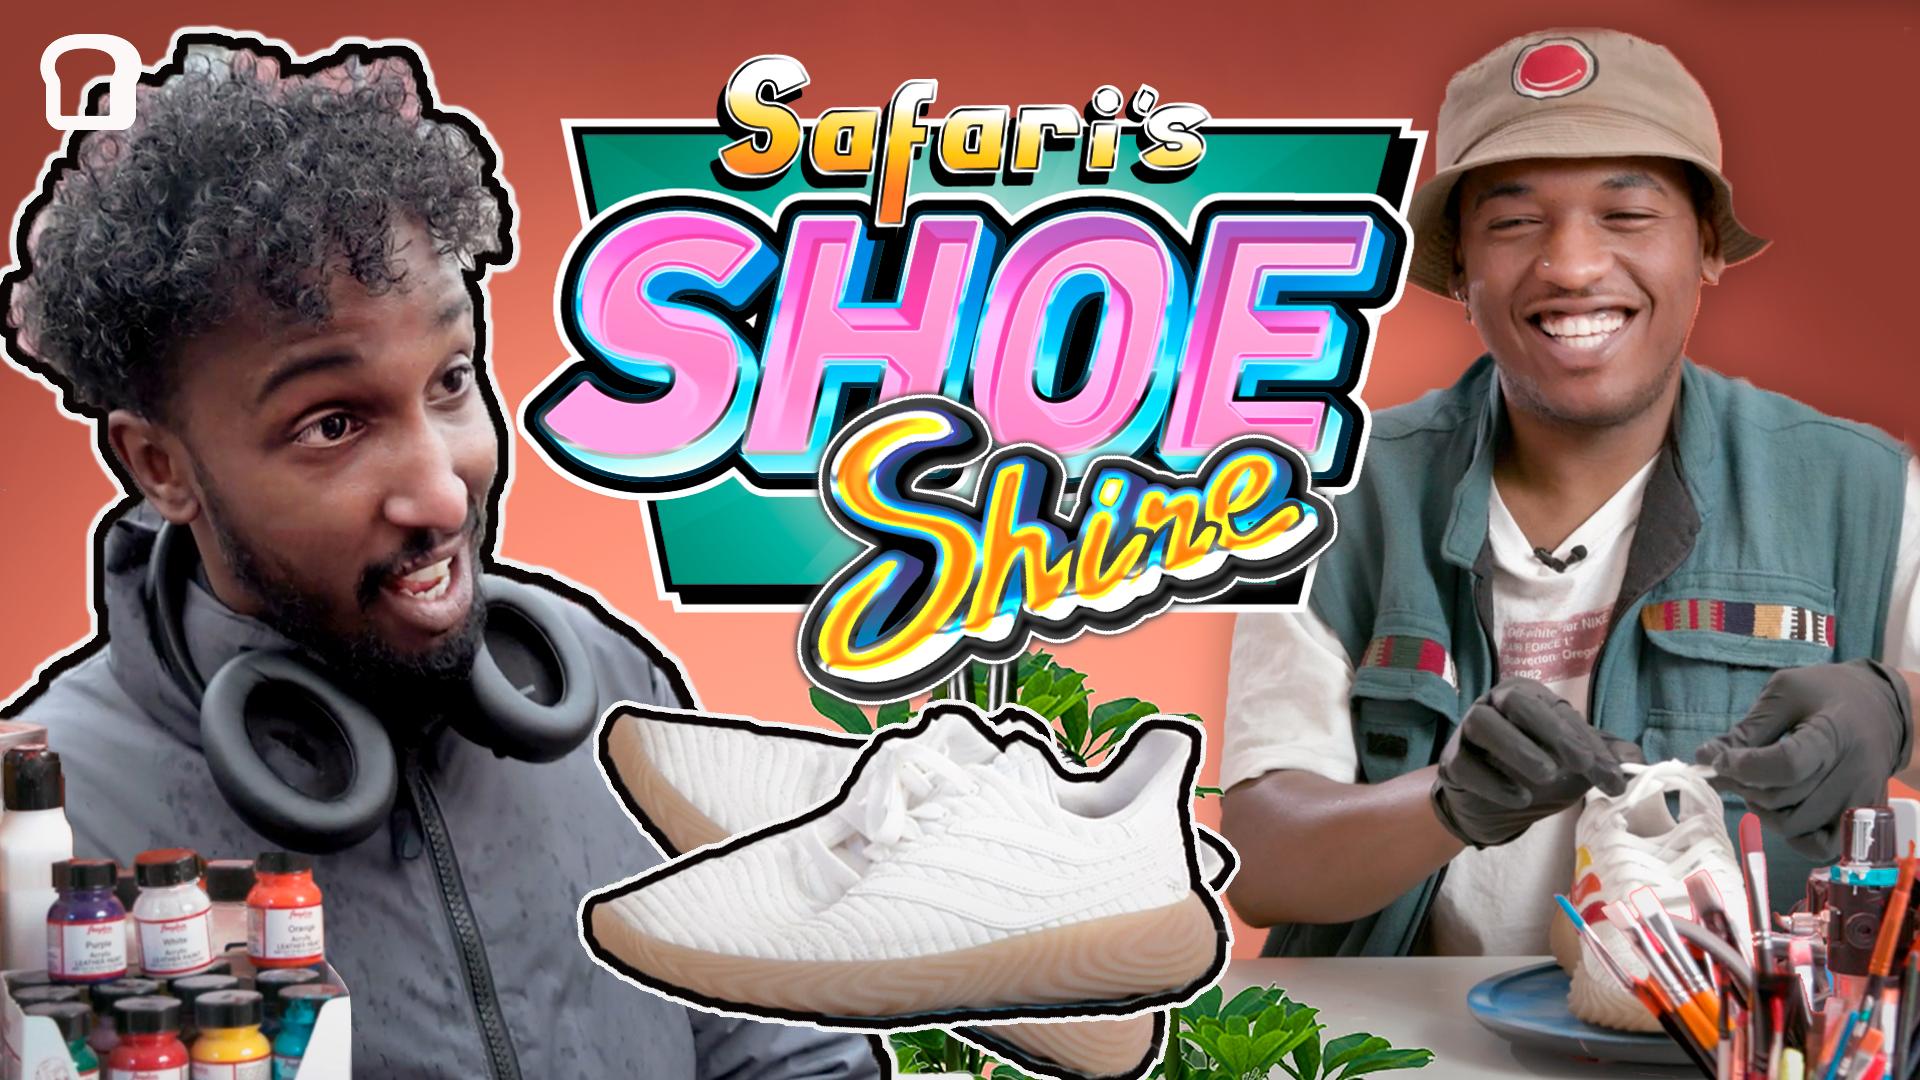 Jonis Josef tar med et par alt for freshe sko til Safari. Skoene pimpes i Shoeshine-studioet til noe vi kan si er både digg for øyne og føtter. Det hele tar en litt brå vending når Safari skal vise Jonis resultatet, for skoene blir litt for fete. Vi kan derfor ikke garantere give away i denne episoden.